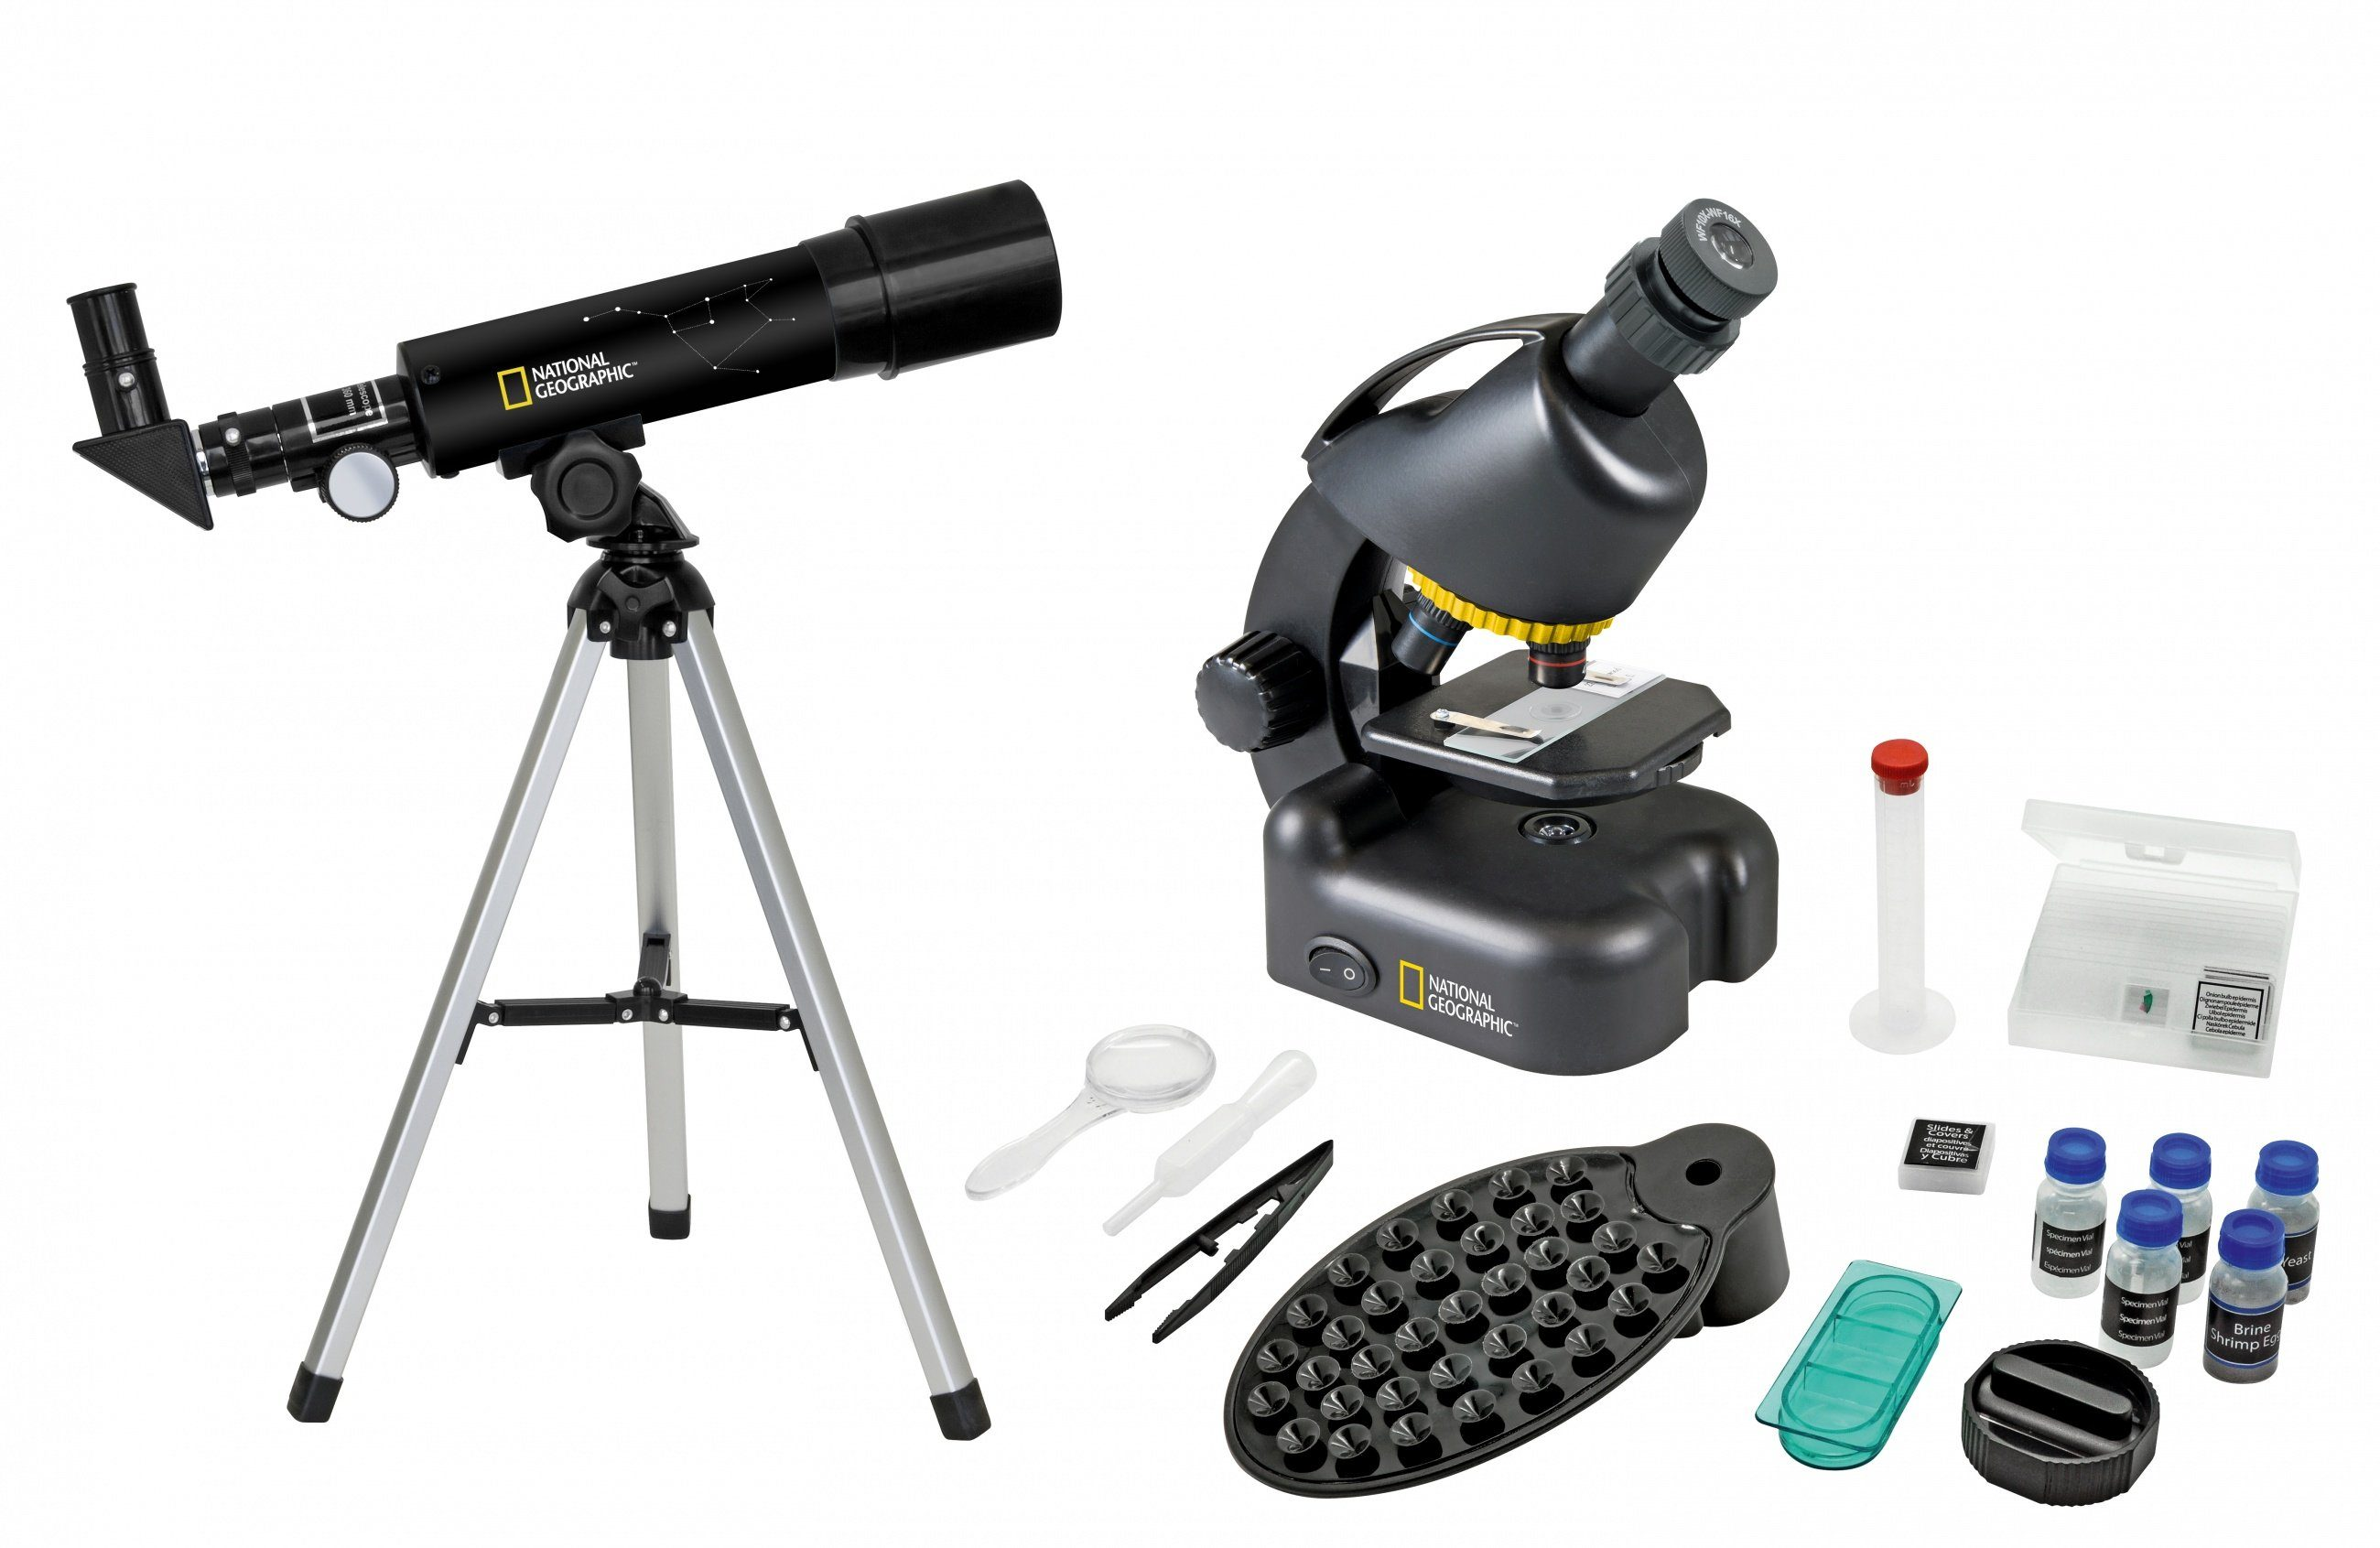 Teleskop halterung ebay kleinanzeigen